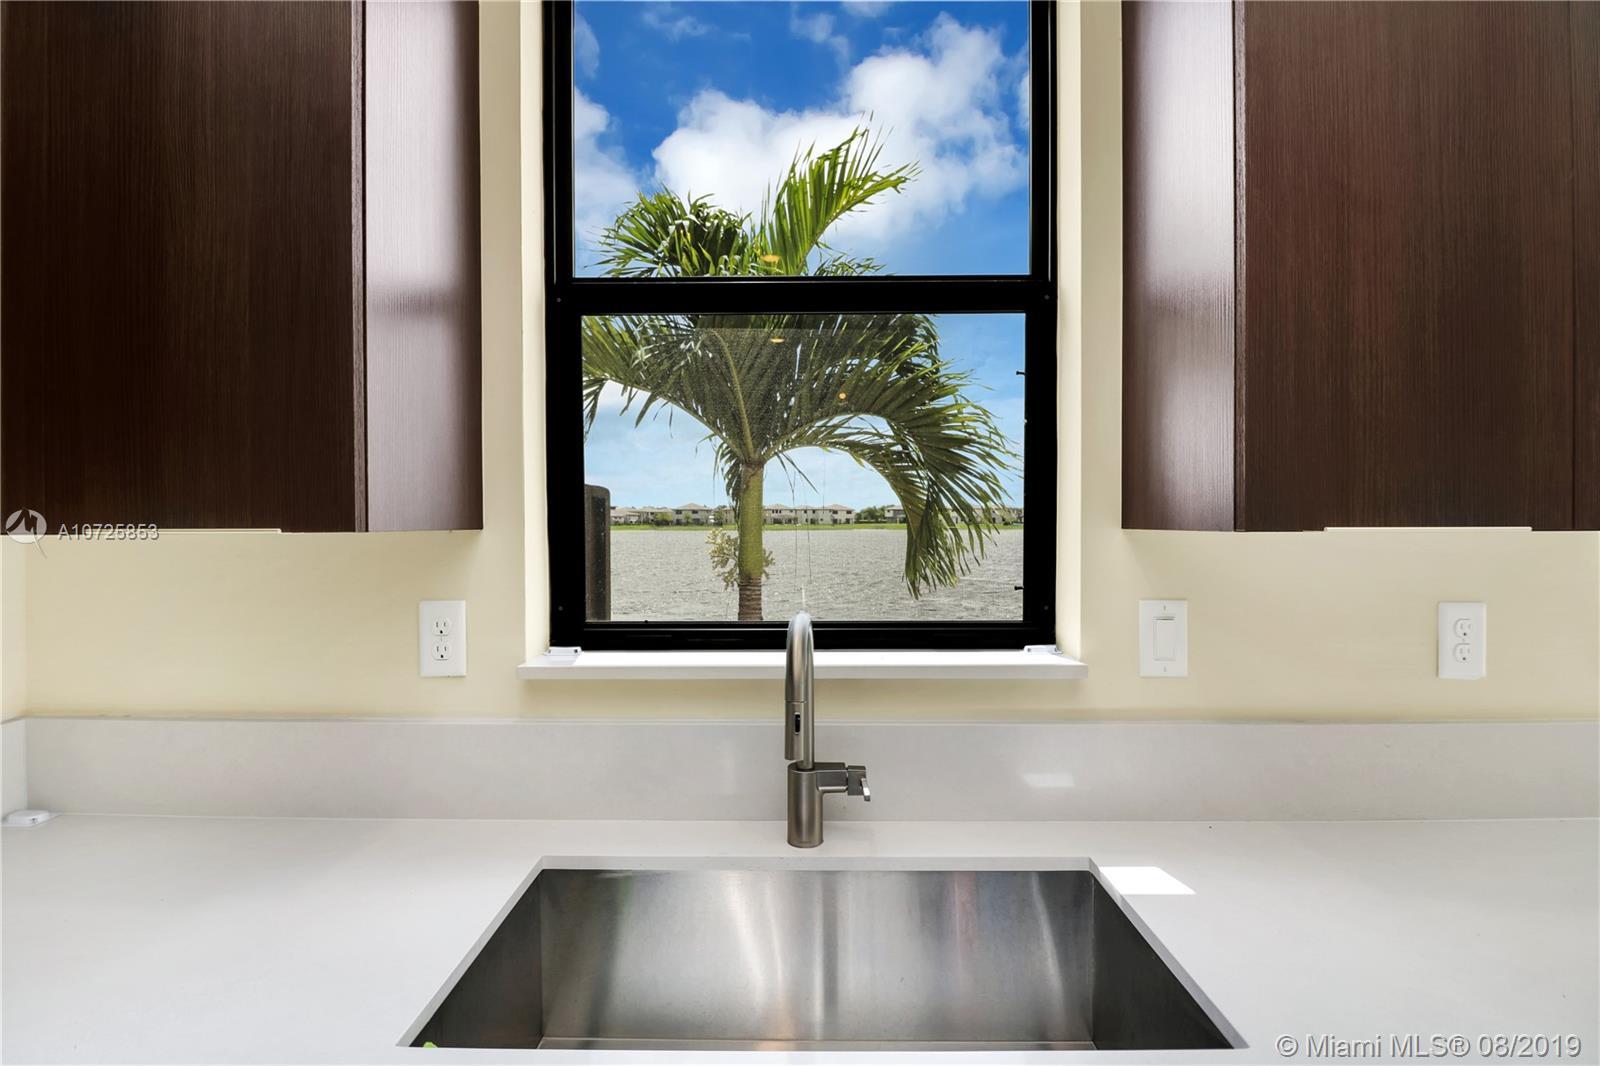 Miami Lakes #9070 - 09 - photo